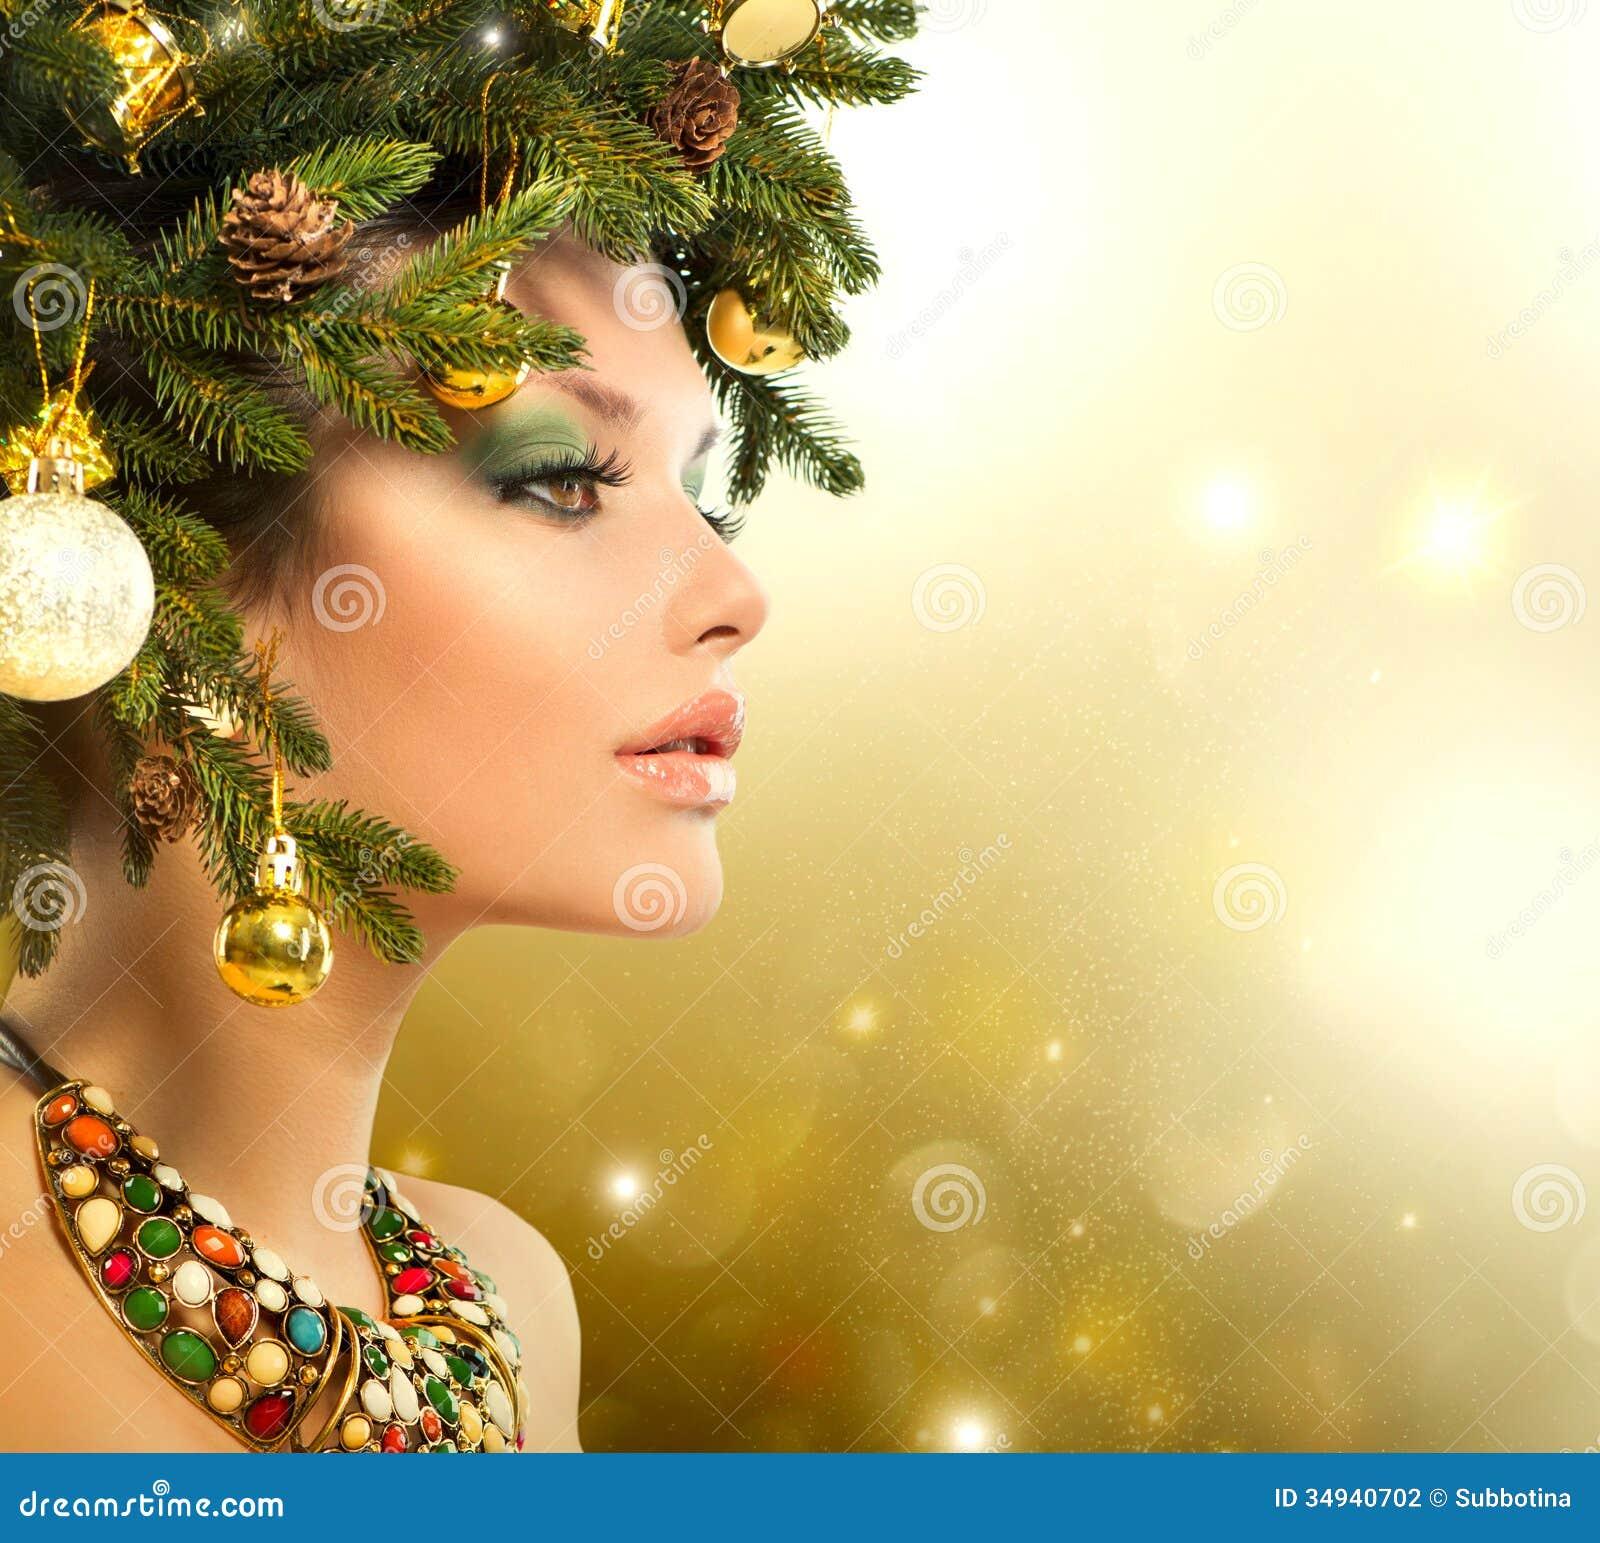 christmas tree hair girl